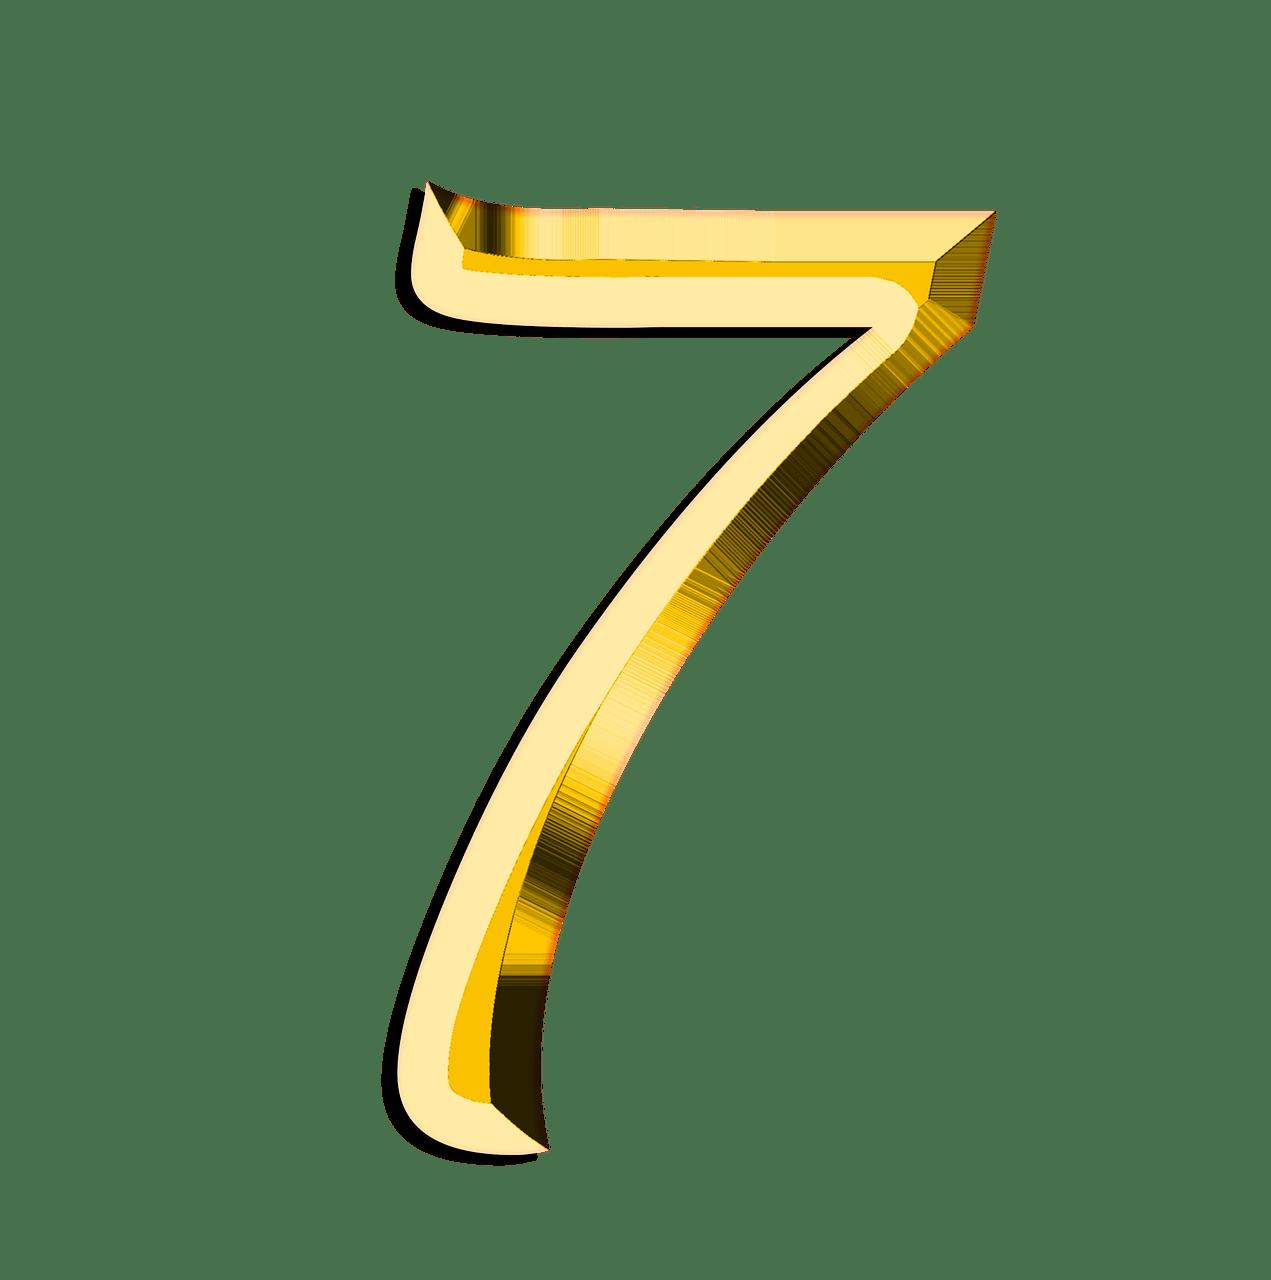 Golden Number 7 transparent PNG.